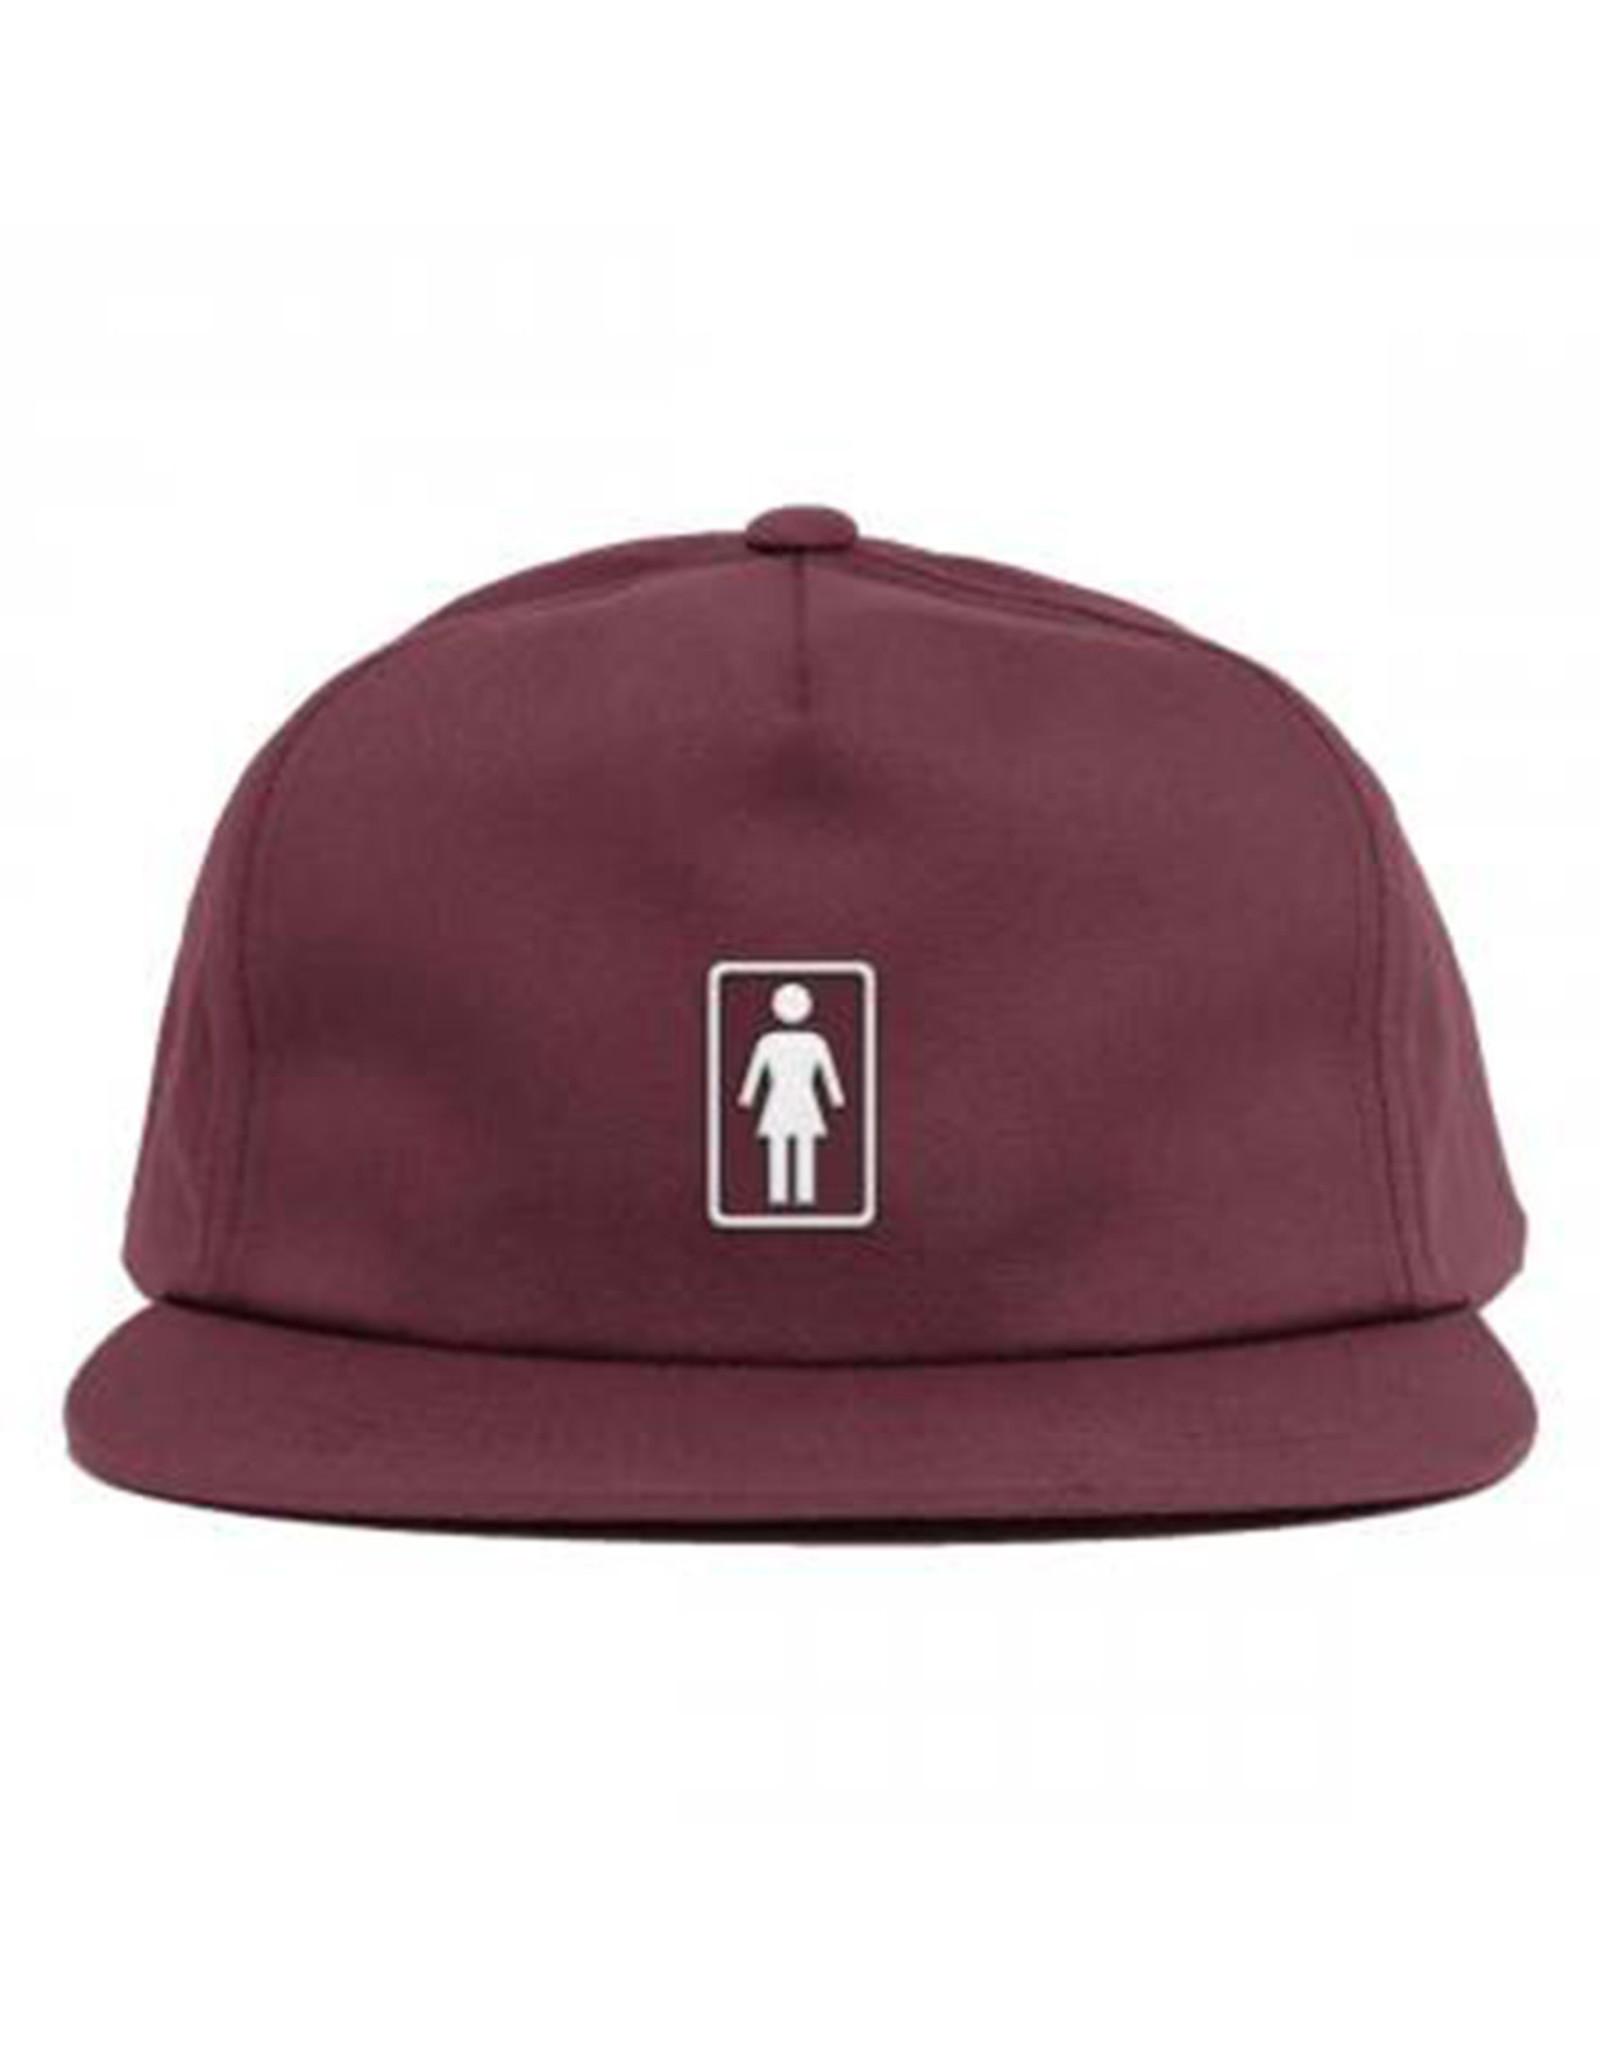 Girl Girl Hat Classic OG Snapback (Burgundy)